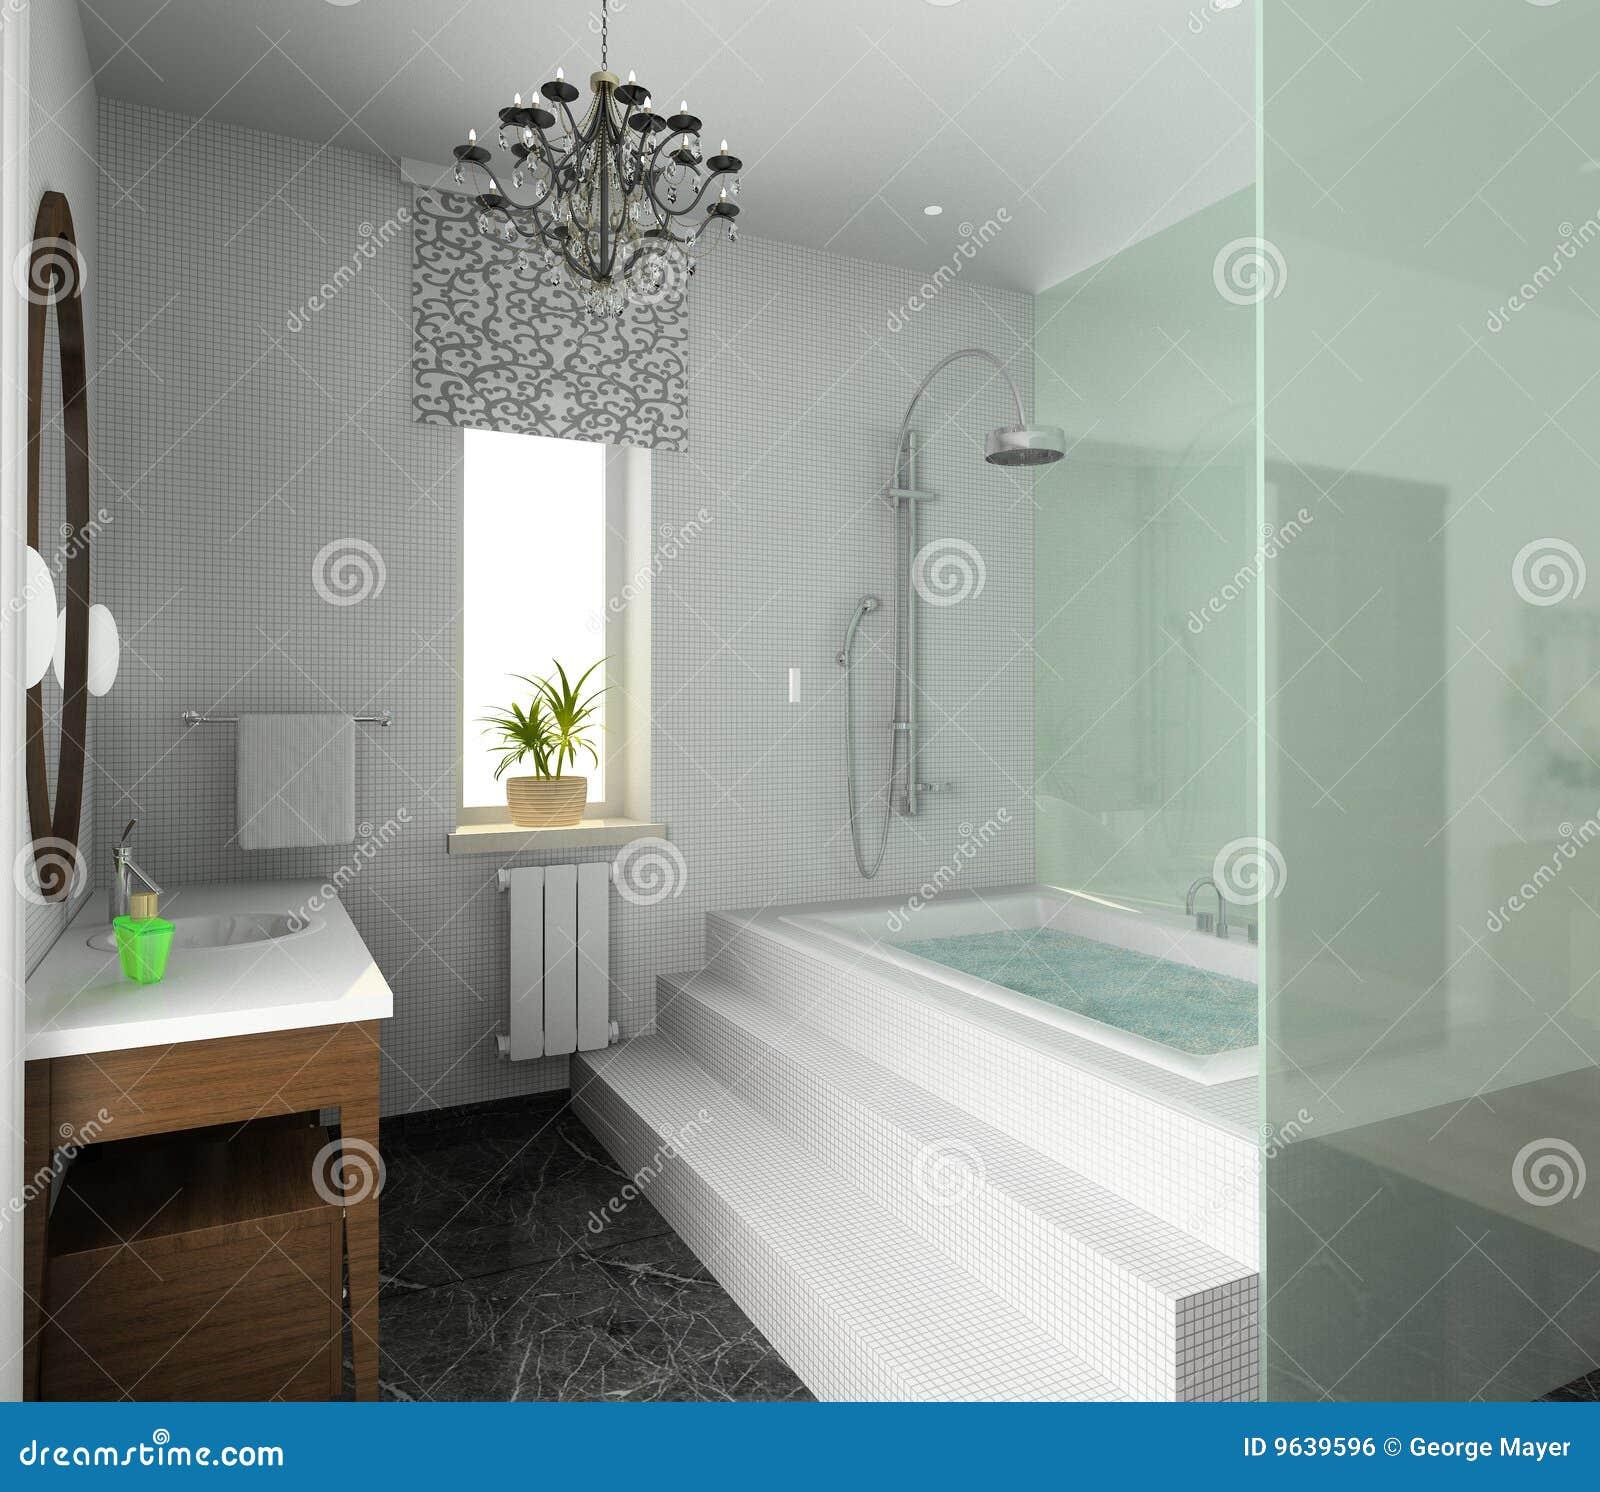 Banheiro. Projeto Moderno Do Interior Imagem de Stock Royalty Free  #779F2C 1300 1229